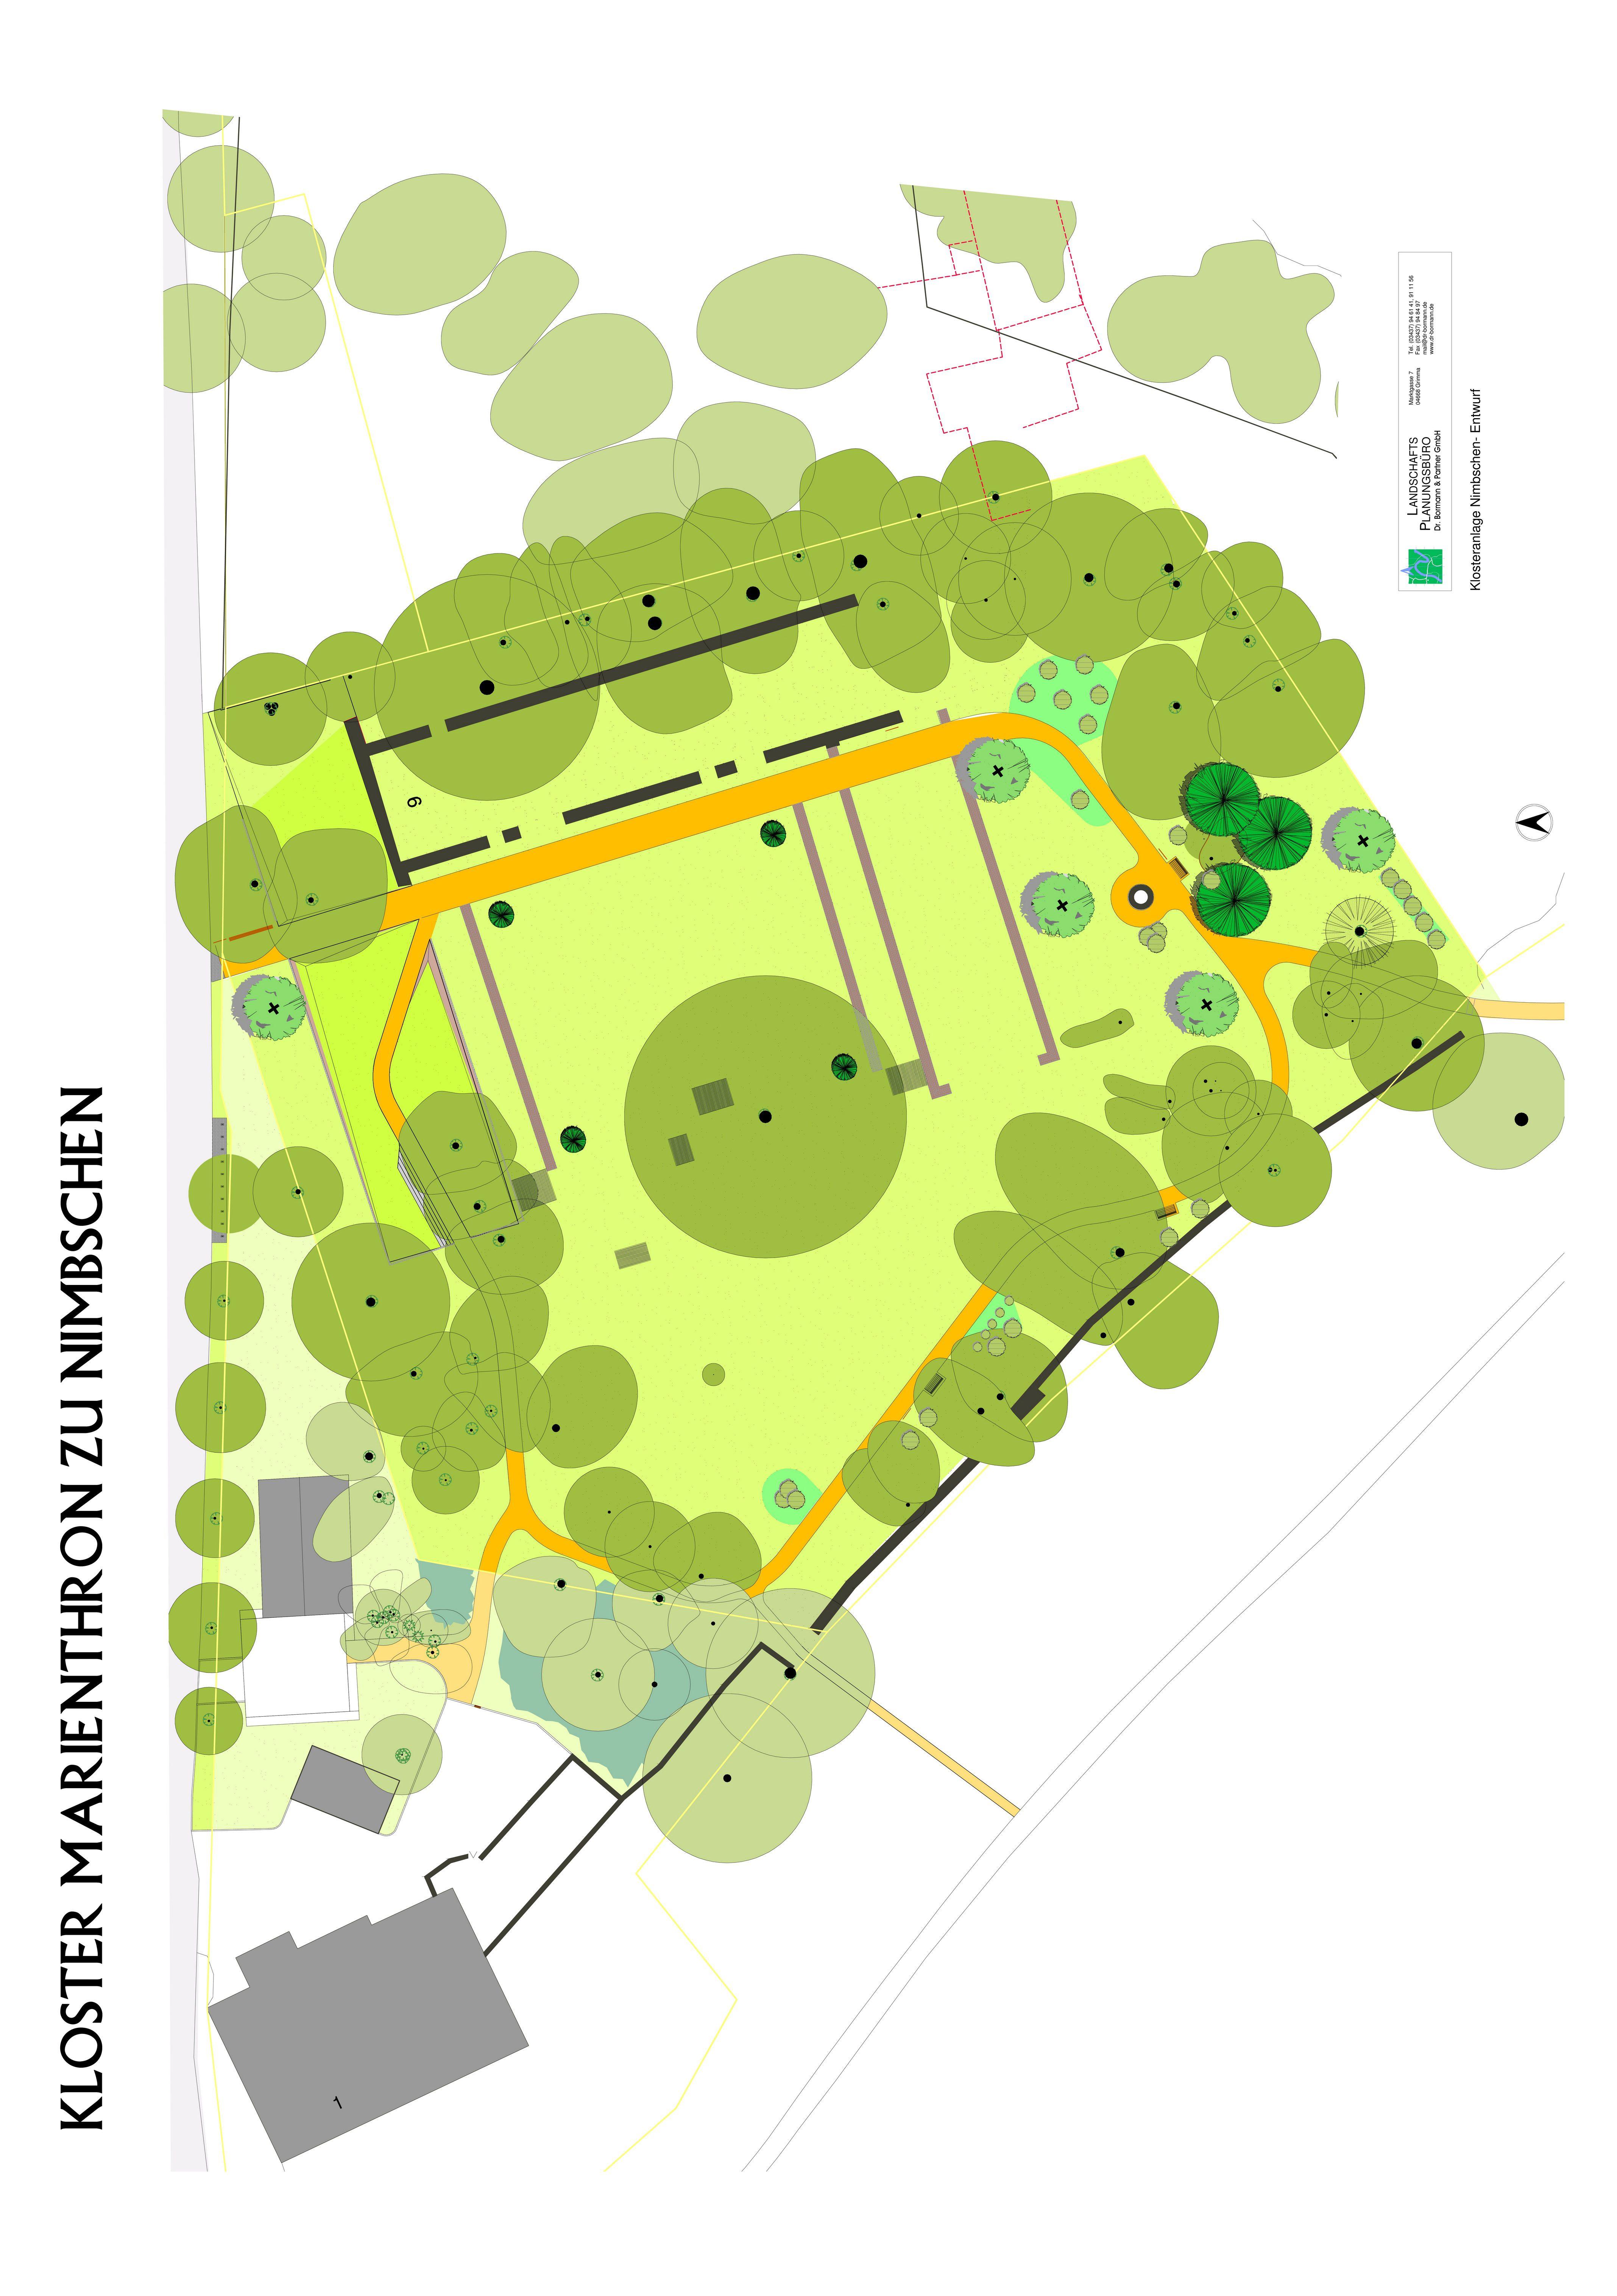 Kloster Nimbschen vereinfachter Lageplan 600dpi